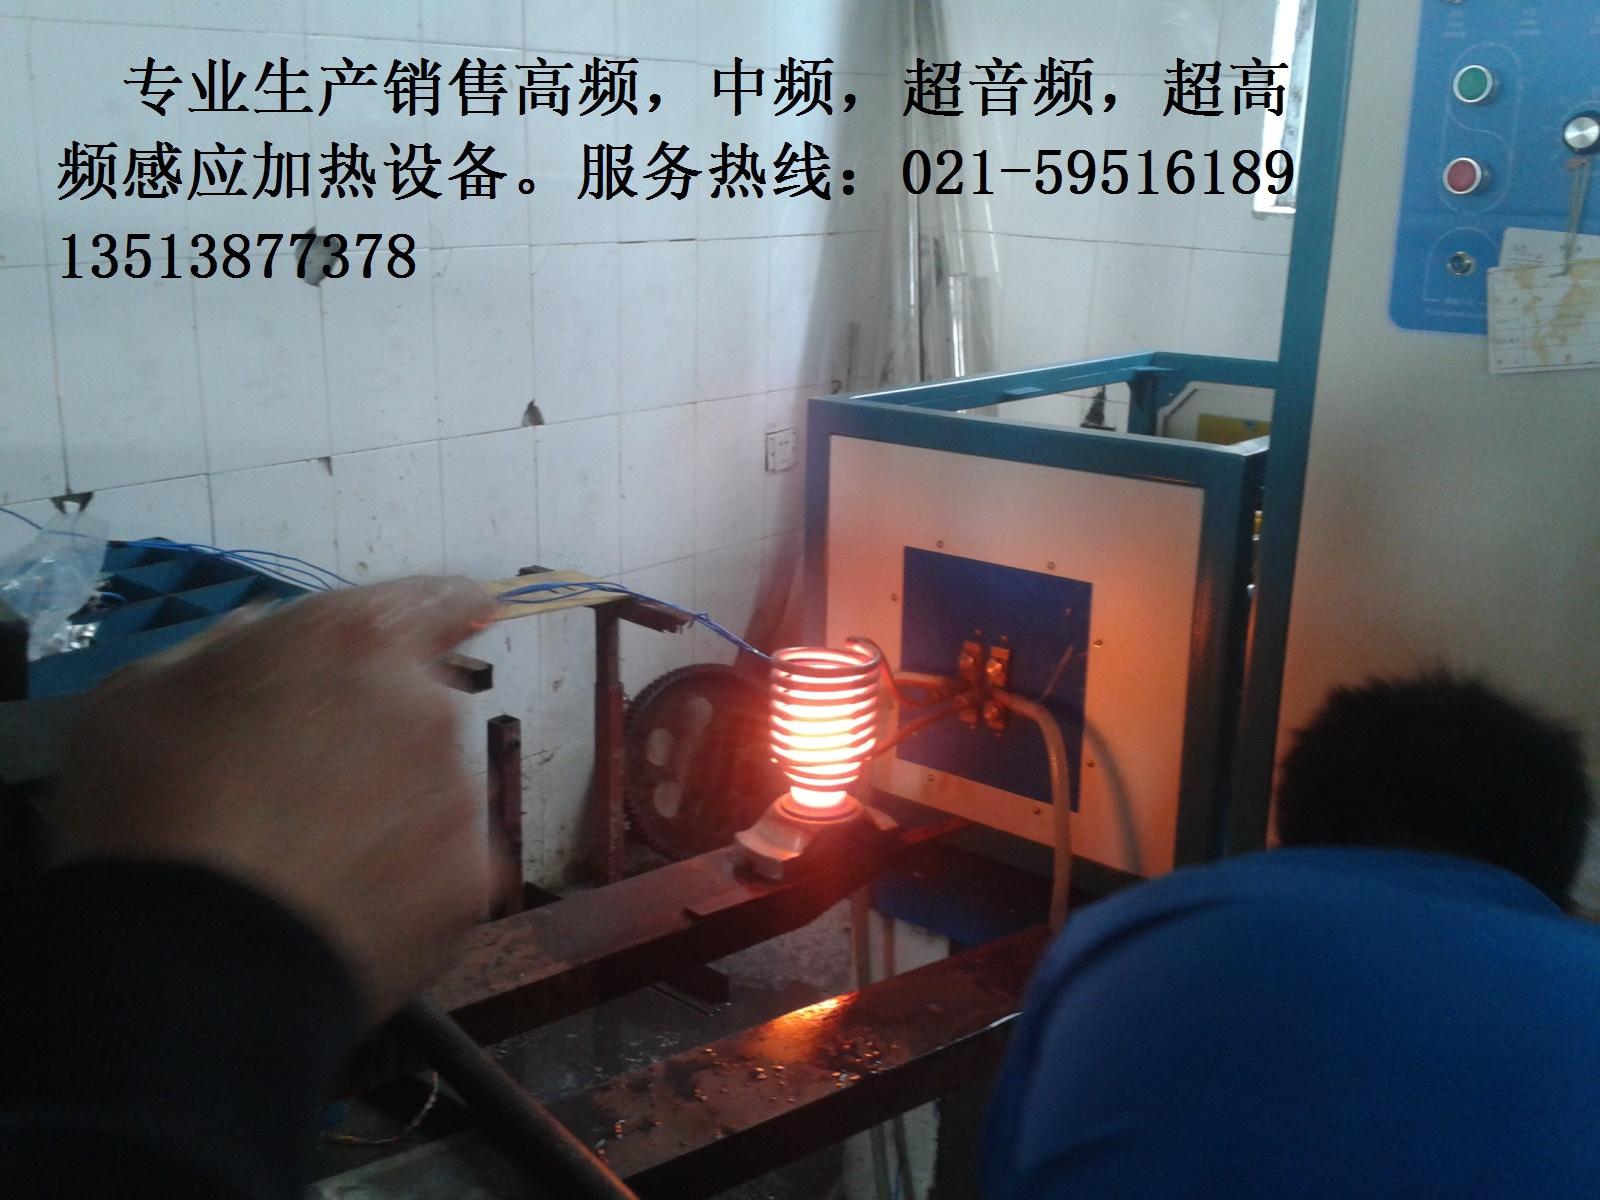 永達高頻上海服務所,1351877378   0215951618